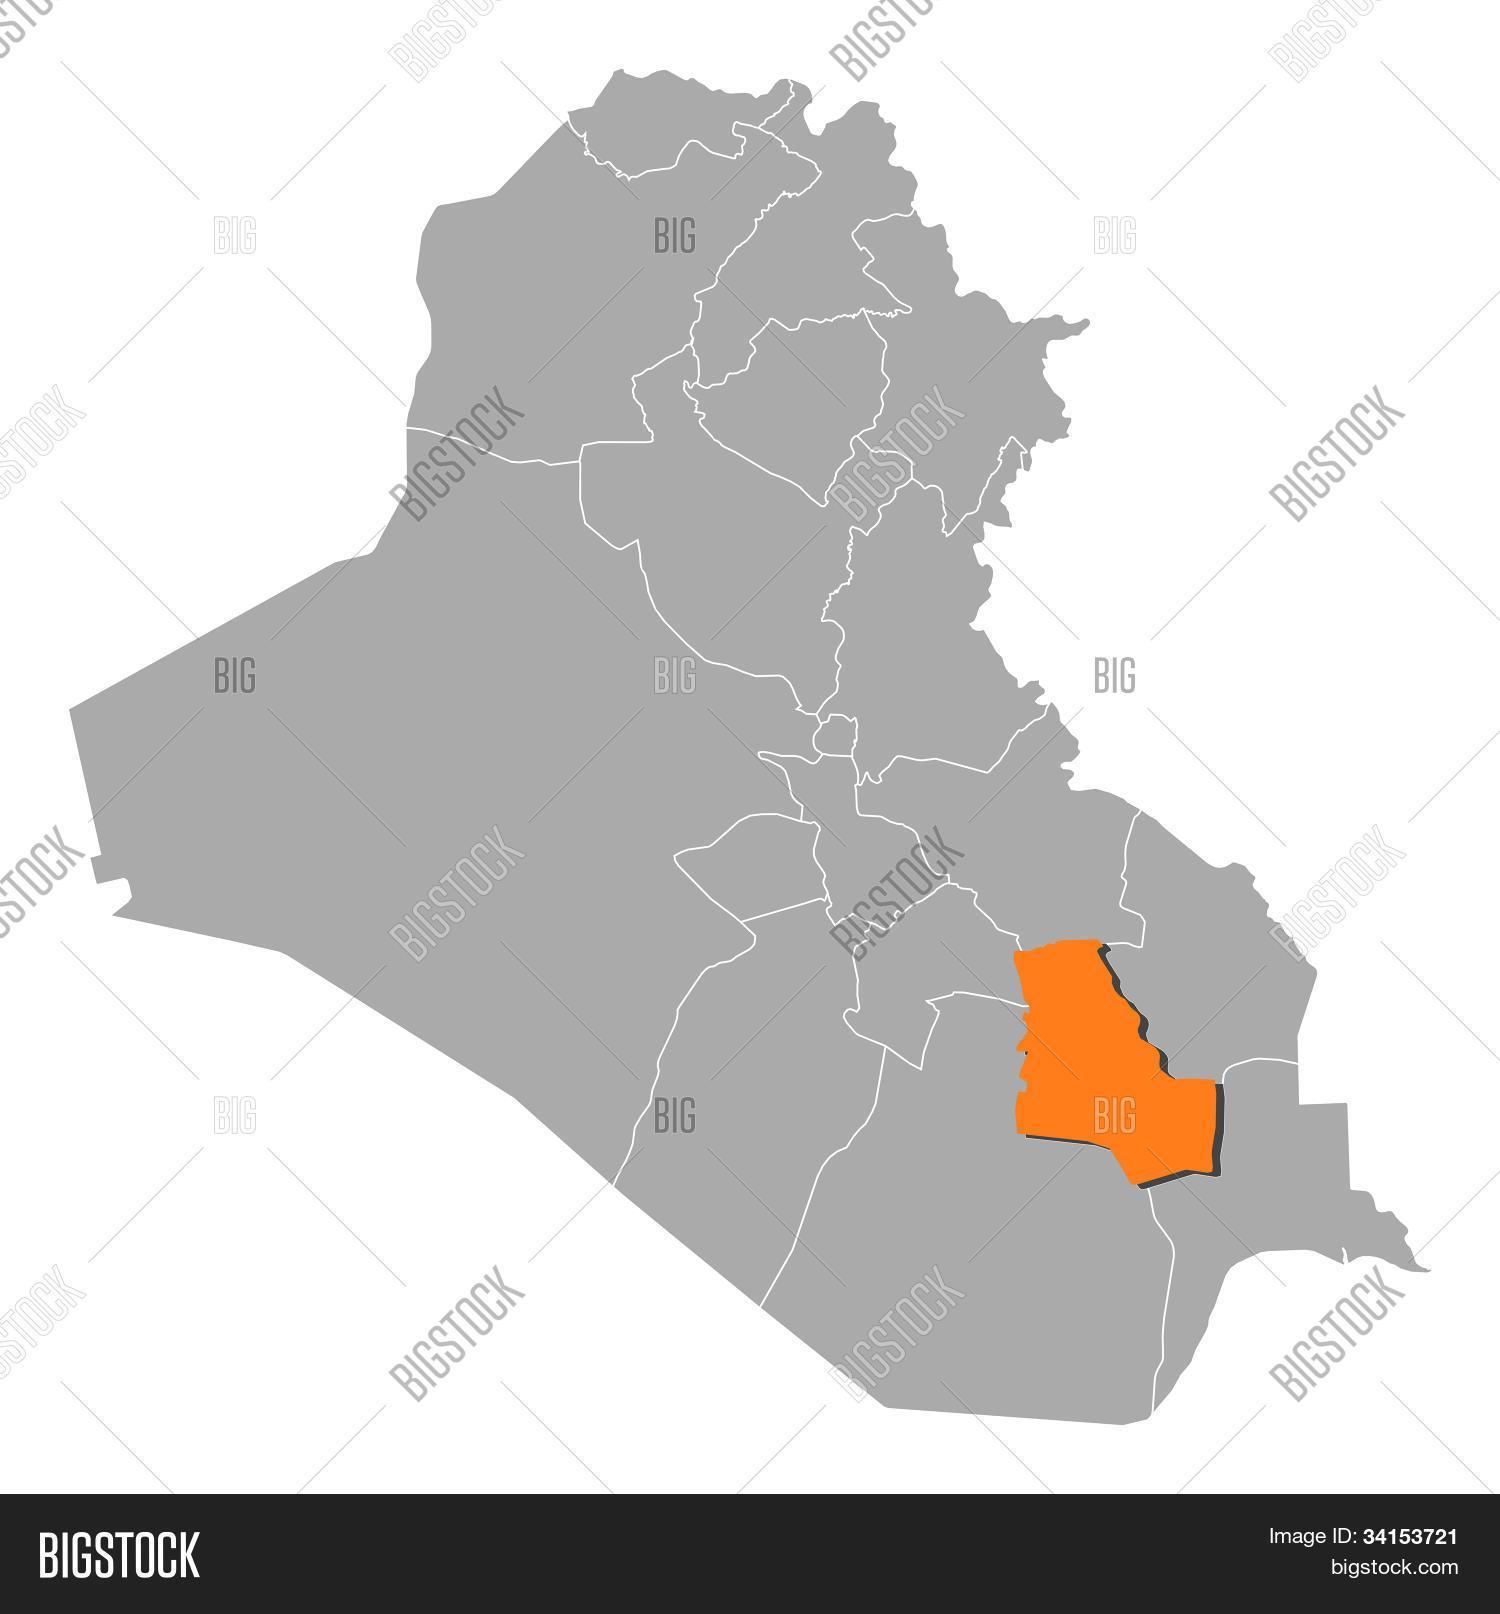 Map Iraq, Dhi Qar Image & Photo (Free Trial) | Bigstock